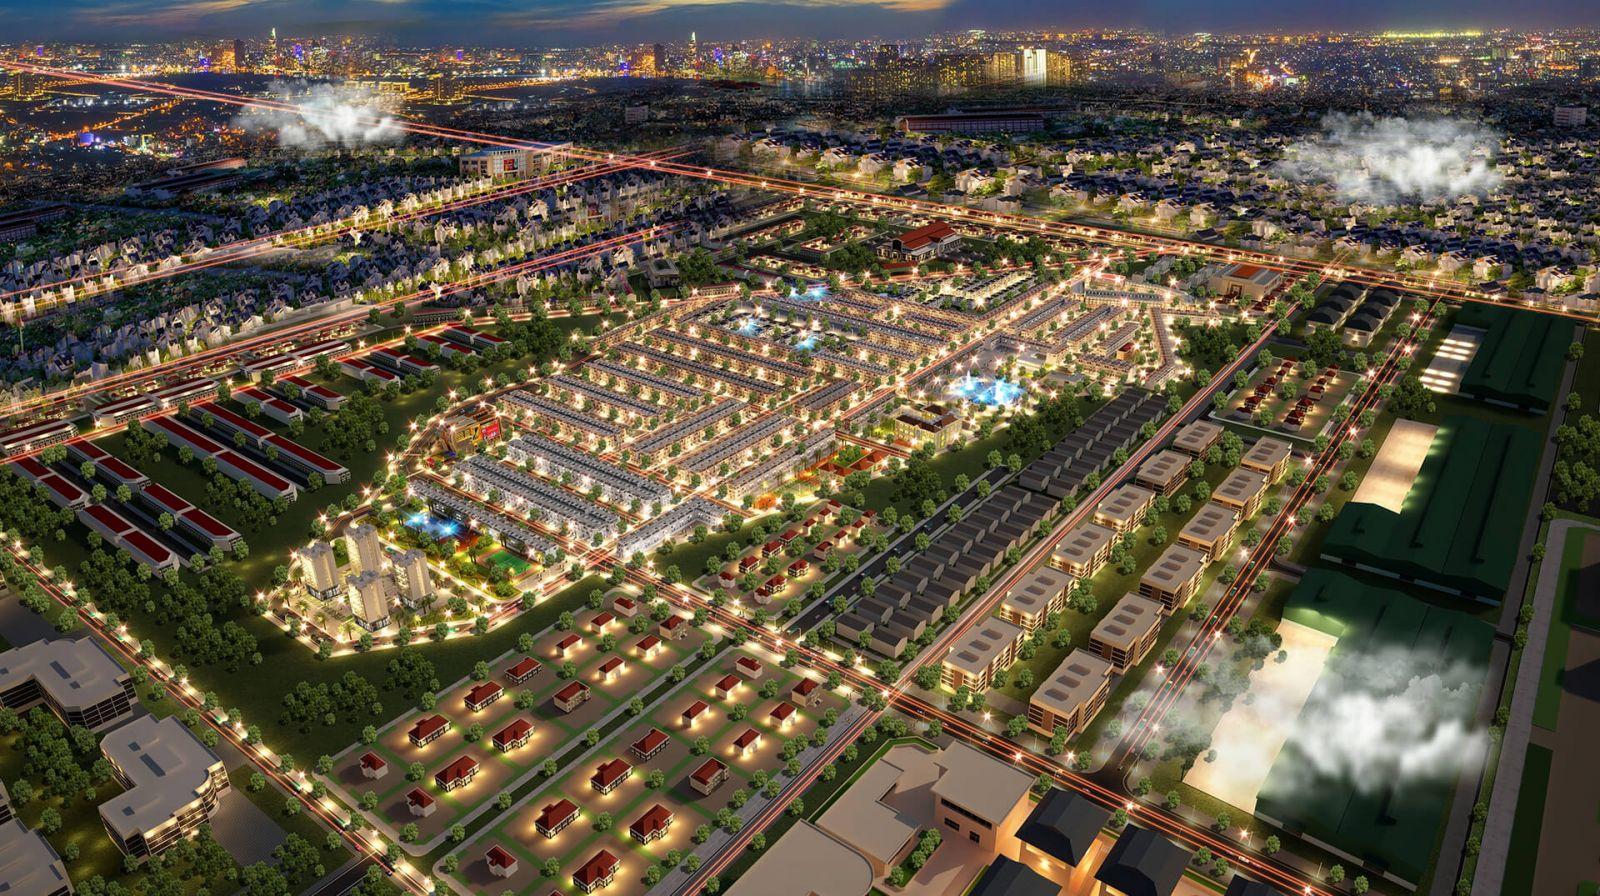 Quy mô dự án đất nền PNR Estella Đồng Nai